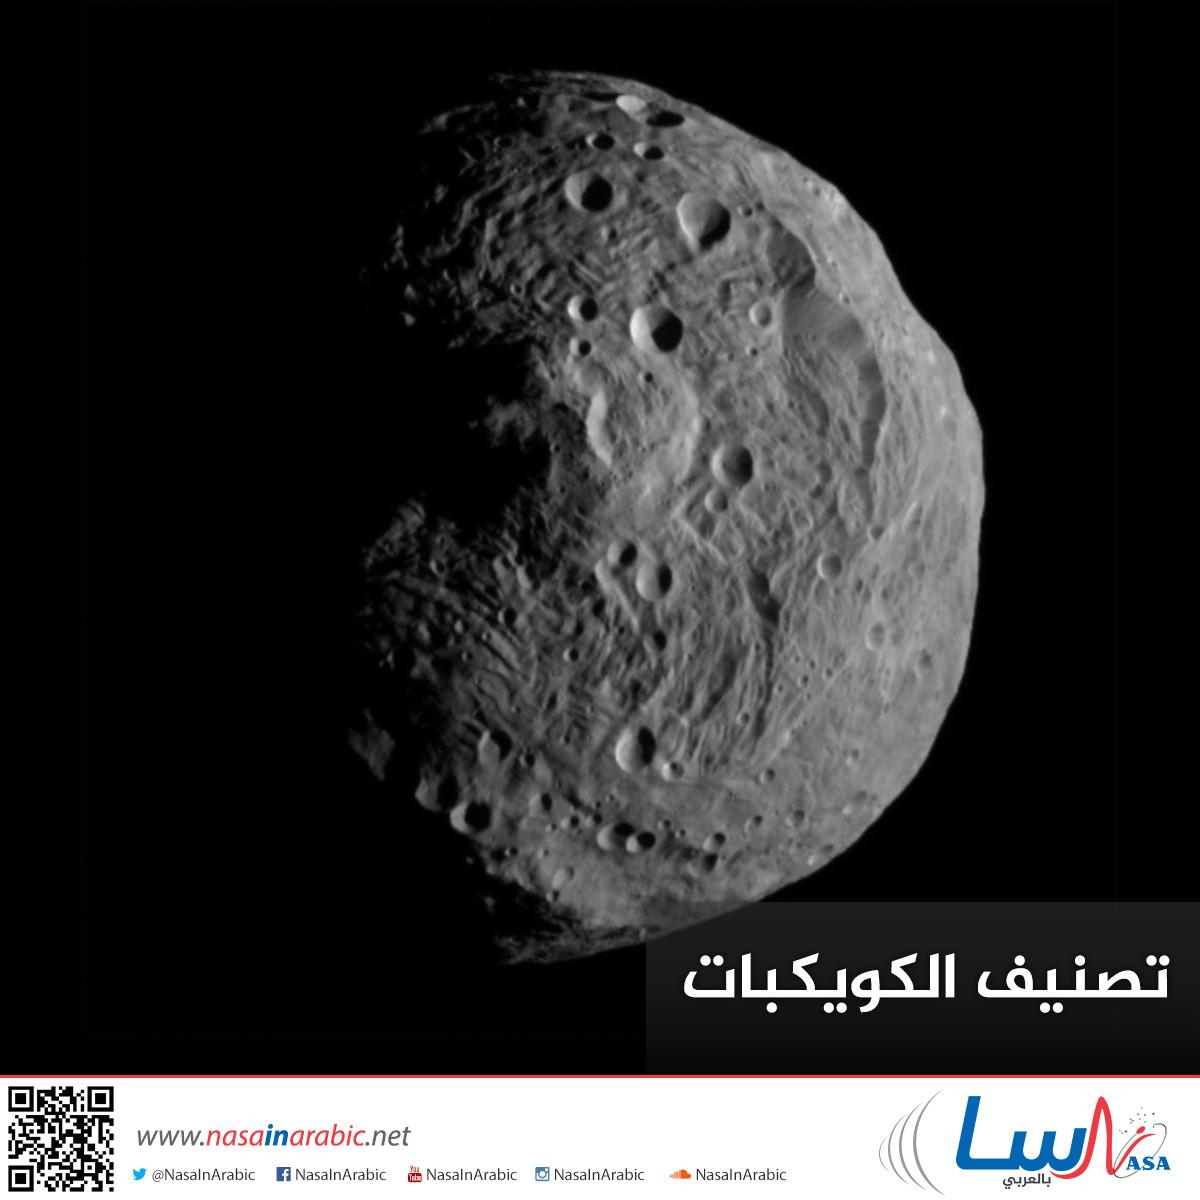 تصنيف الكويكبات